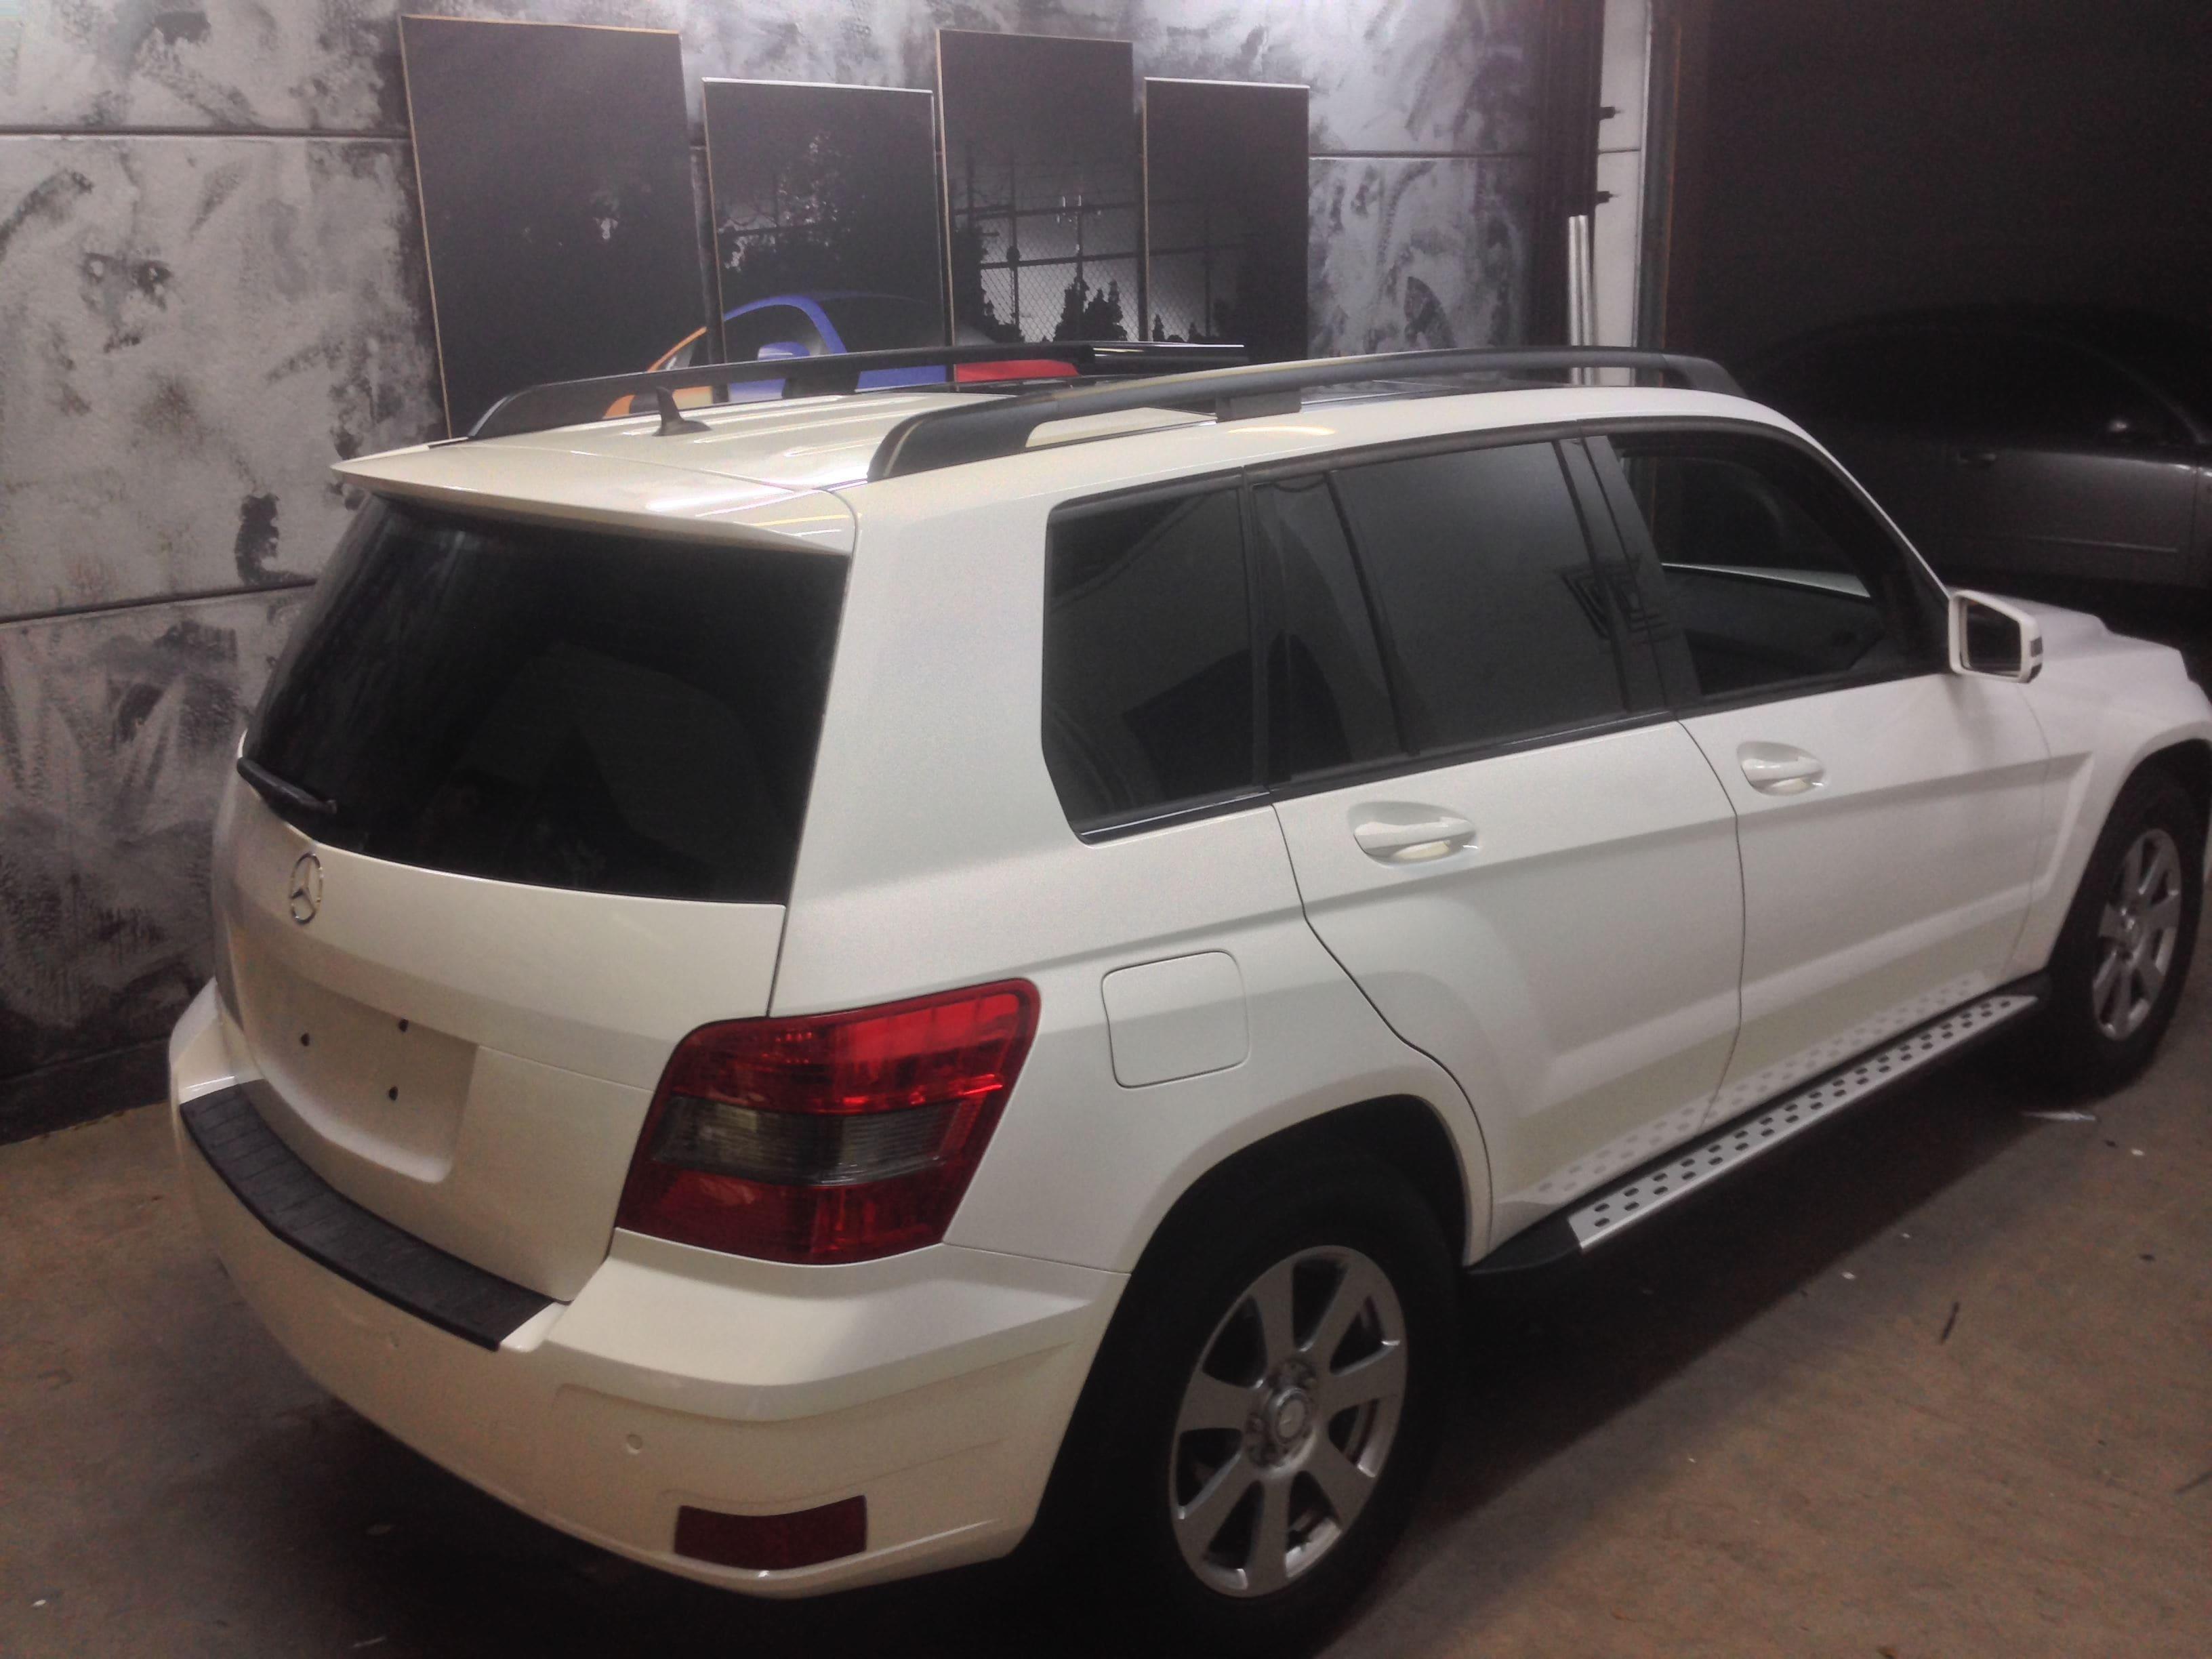 Mercedes GLK met Glossy White Wrap, Carwrapping door Wrapmyride.nu Foto-nr:6300, ©2021